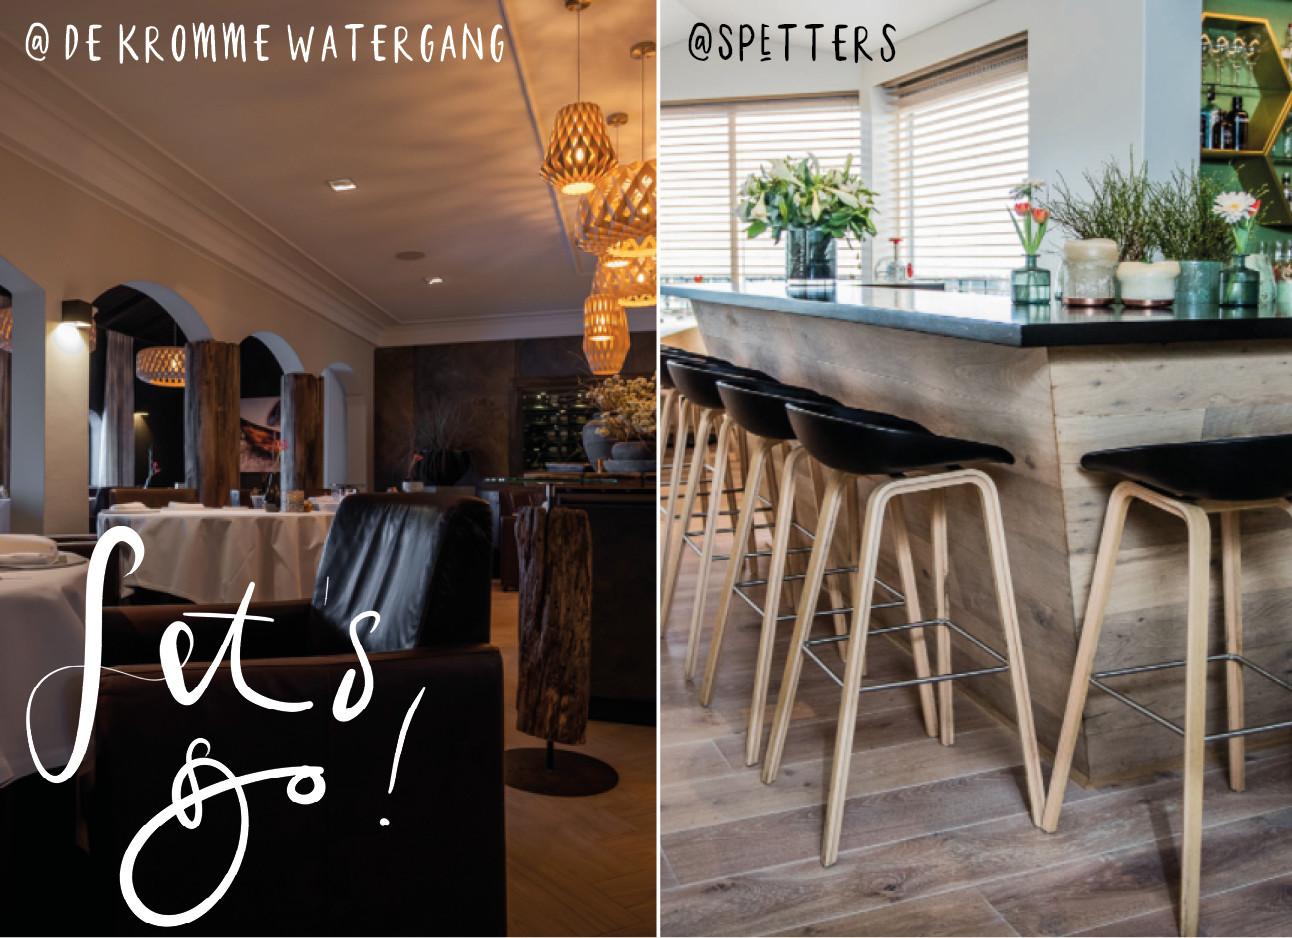 beelden van restaurant in zeeland met mooi en strak interier